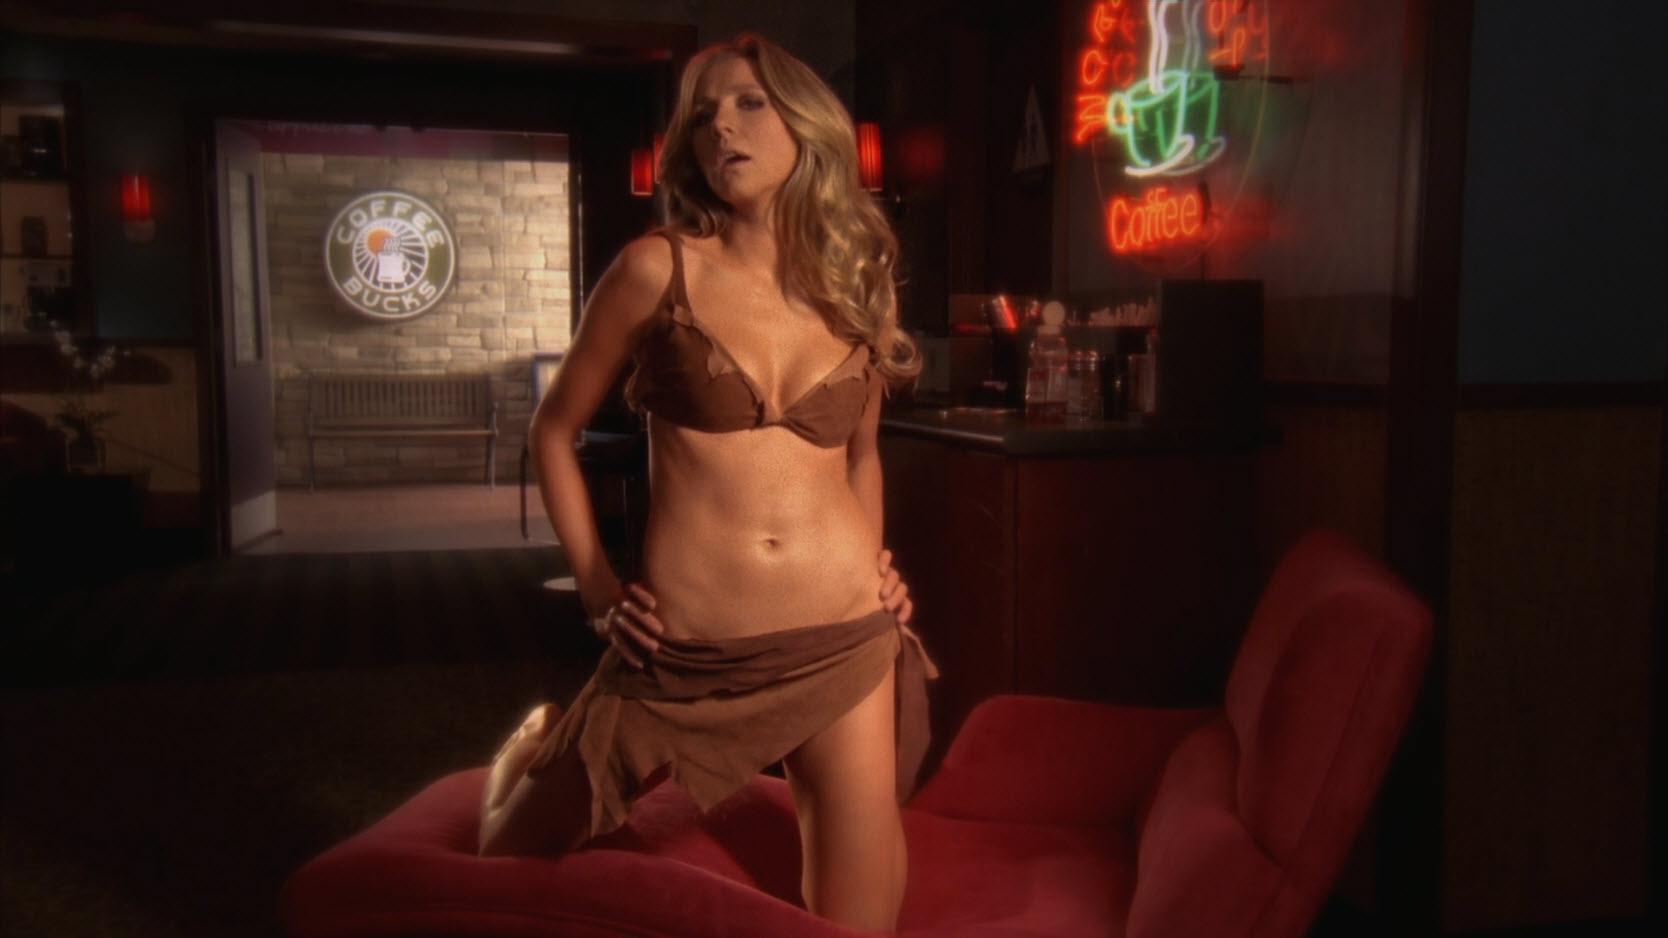 swollen firm boobs nude